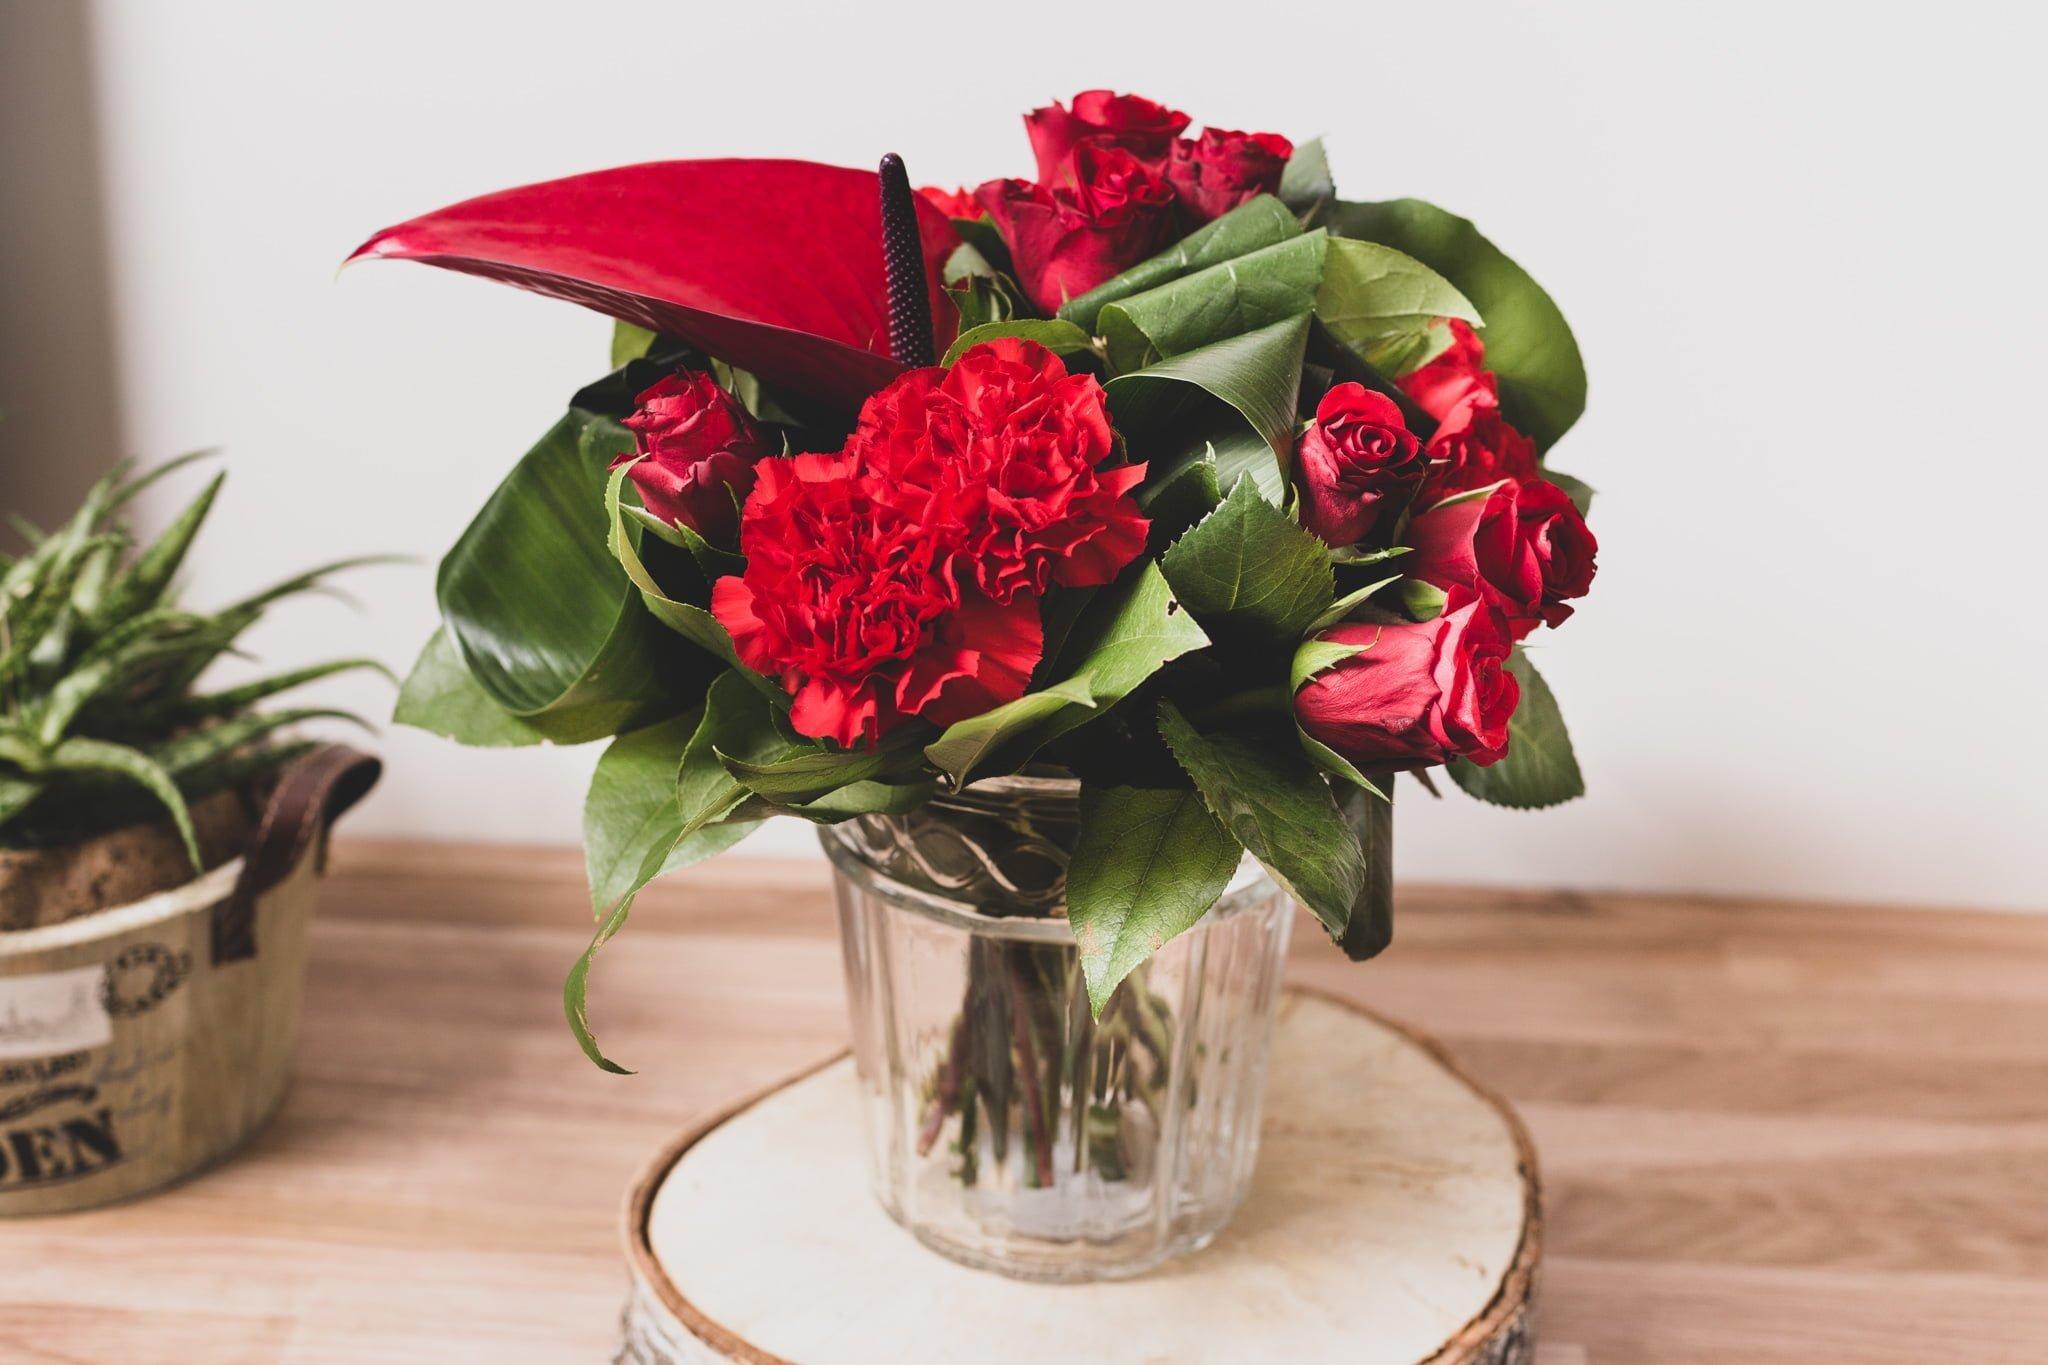 fleuriste lorient livraison de fleurs bouquet mari e lorient. Black Bedroom Furniture Sets. Home Design Ideas